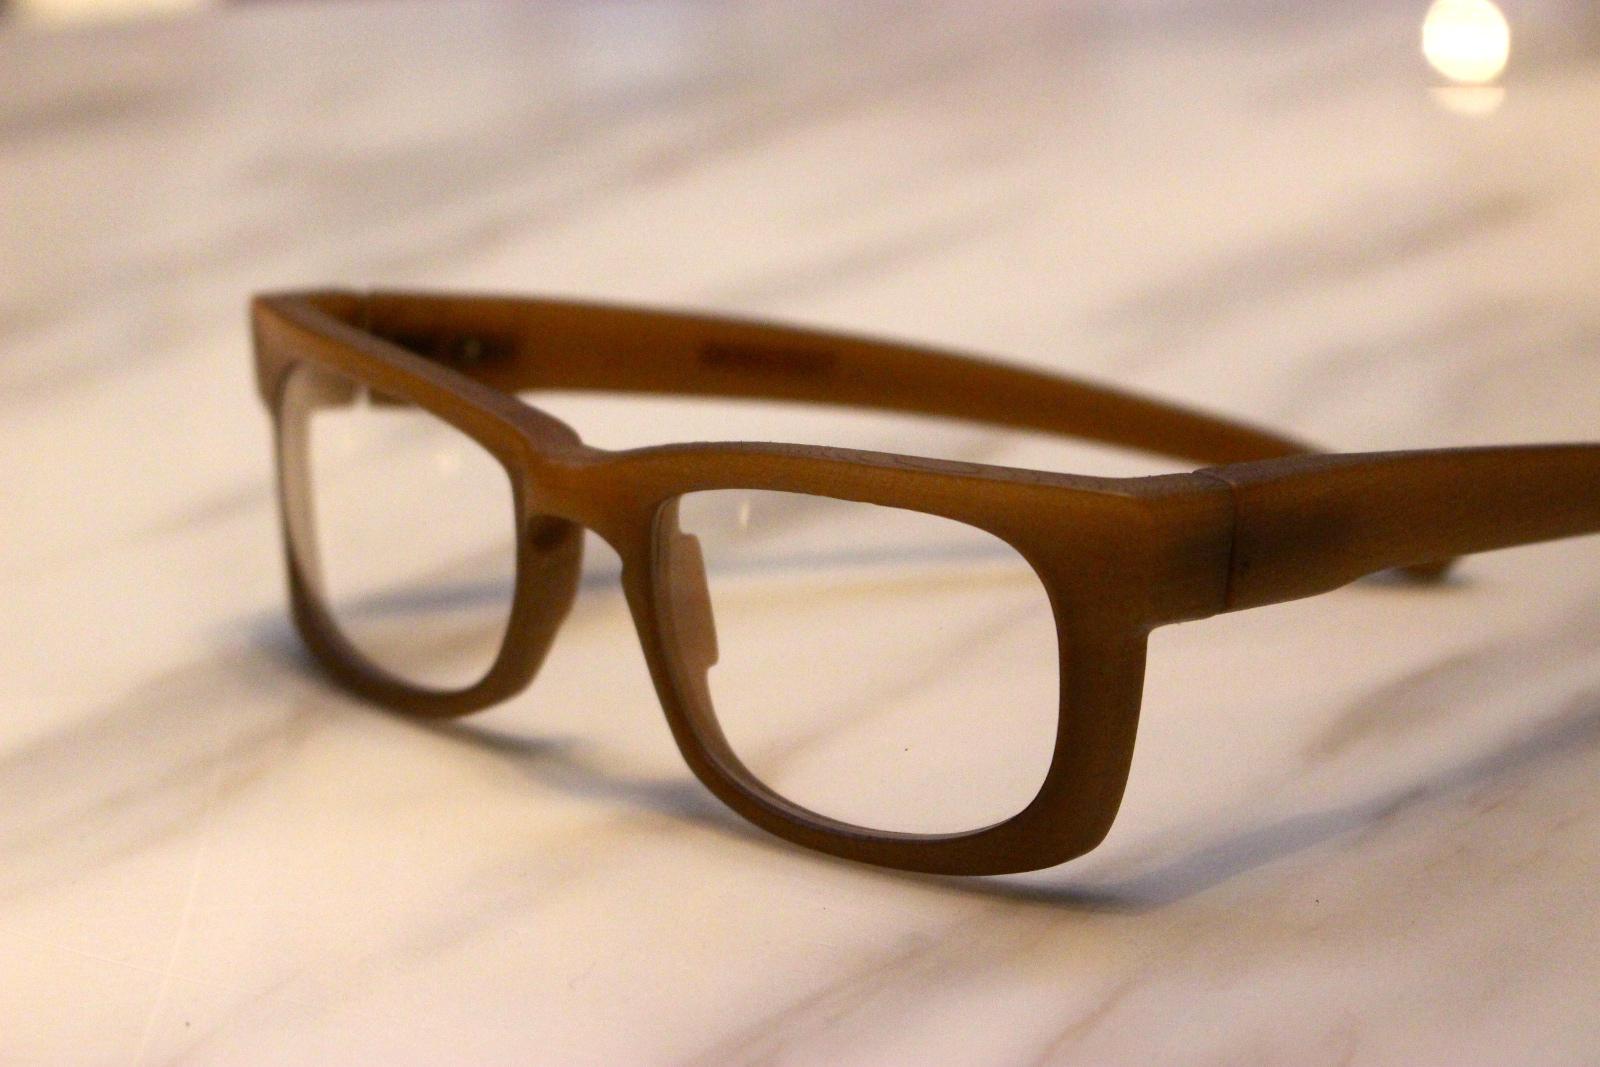 Französischer Optiker bietet 3D-gedruckte Brillenfassungen an ...